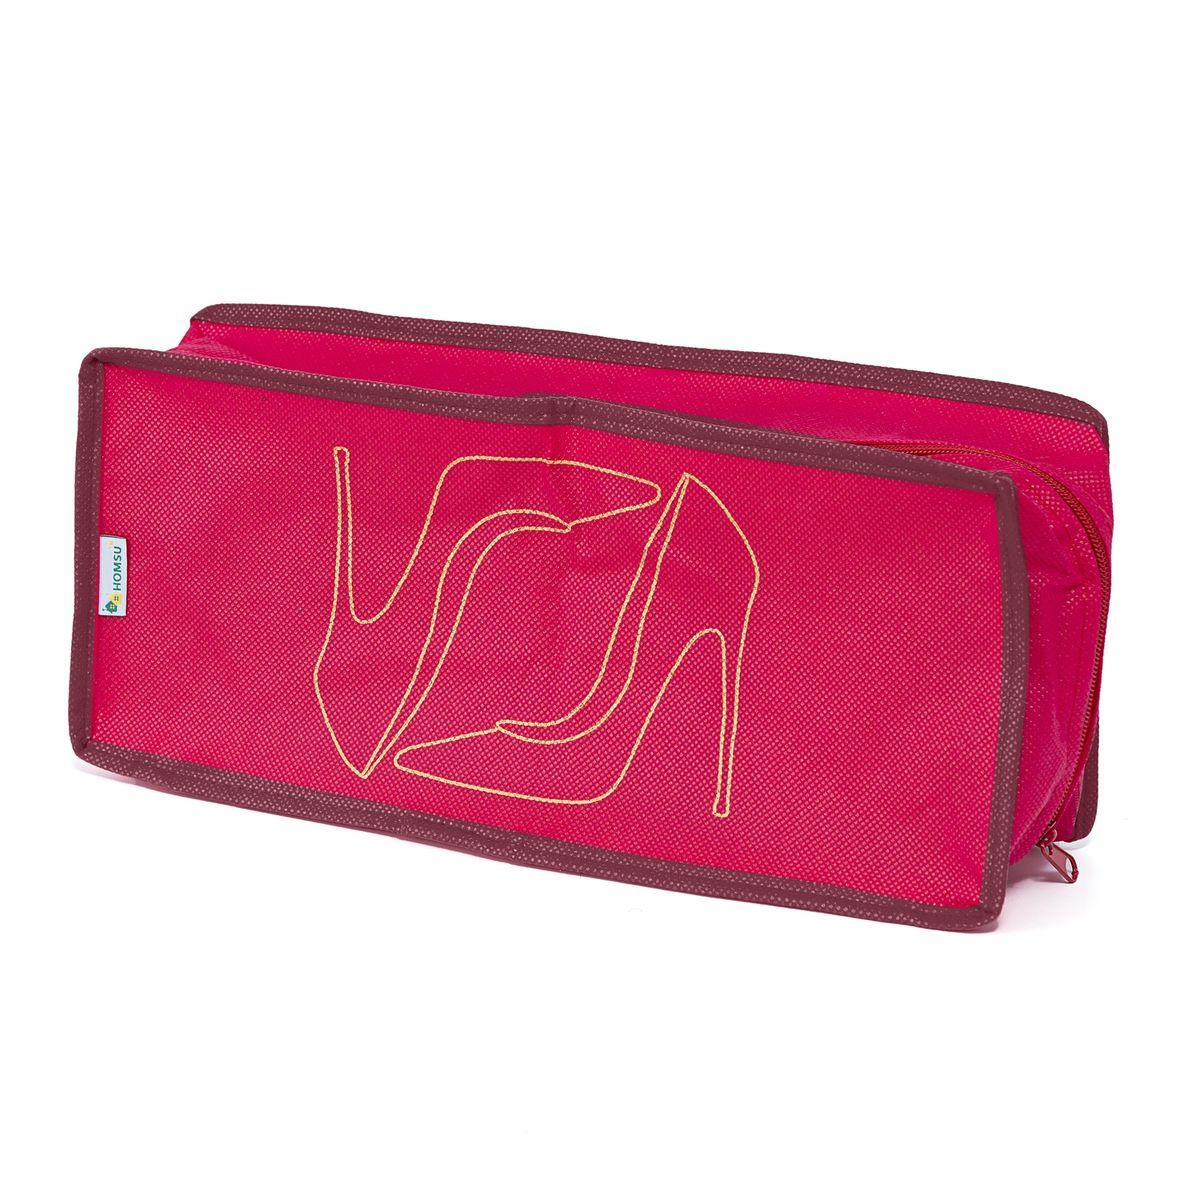 """Органайзер для обуви Homsu """"Lady in Red"""" выполнен из спанбонда и картона. Органайзер для обуви удобно вмещает в себя одну пару обуви, он не проницаемый для влаги и грязи и поможет полноценно сберечь вашу обувь как в домашнем хранении, так и во время транспортировки."""